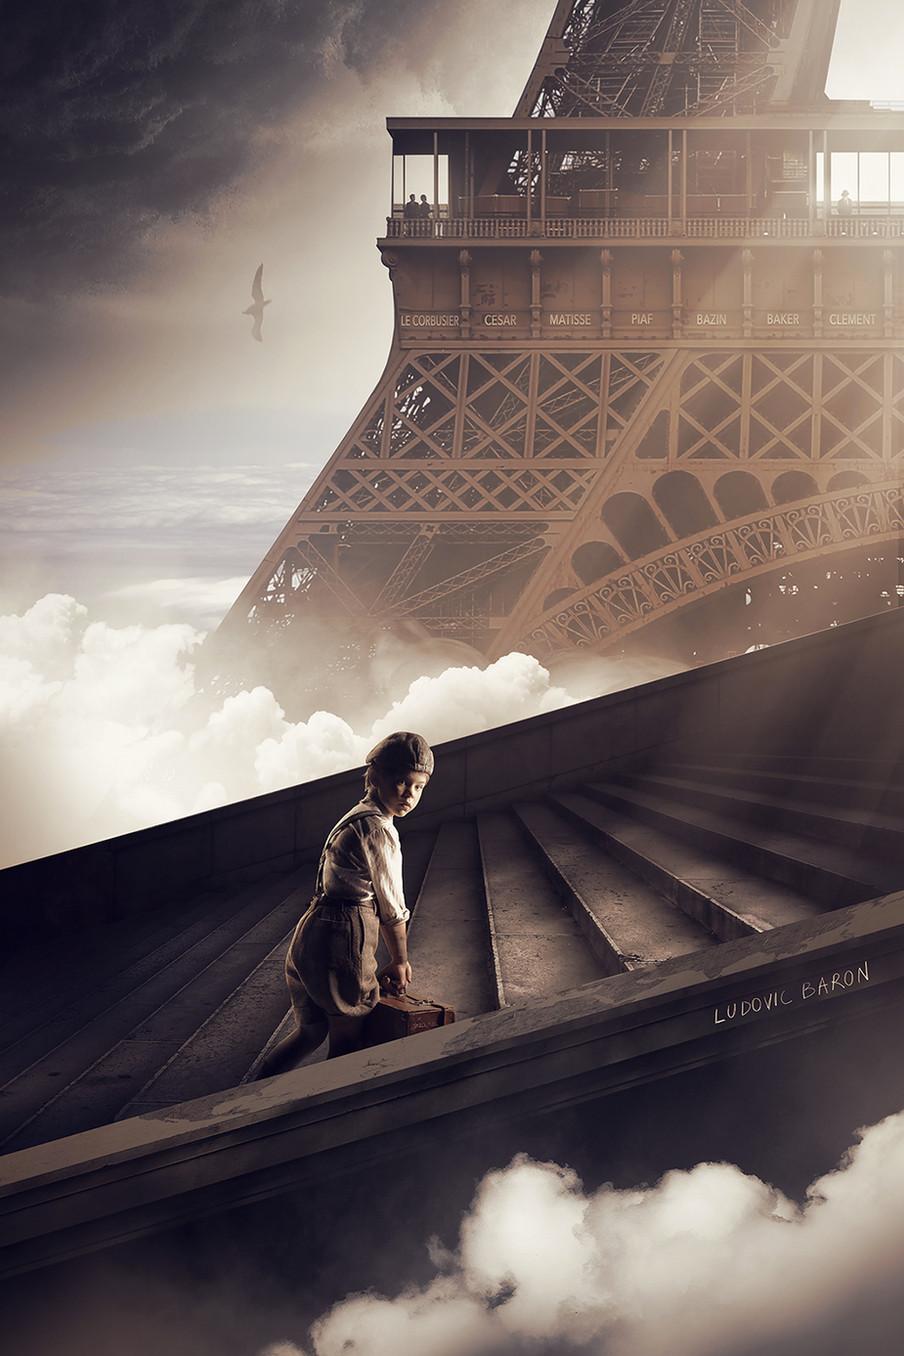 Le courageux (2020)